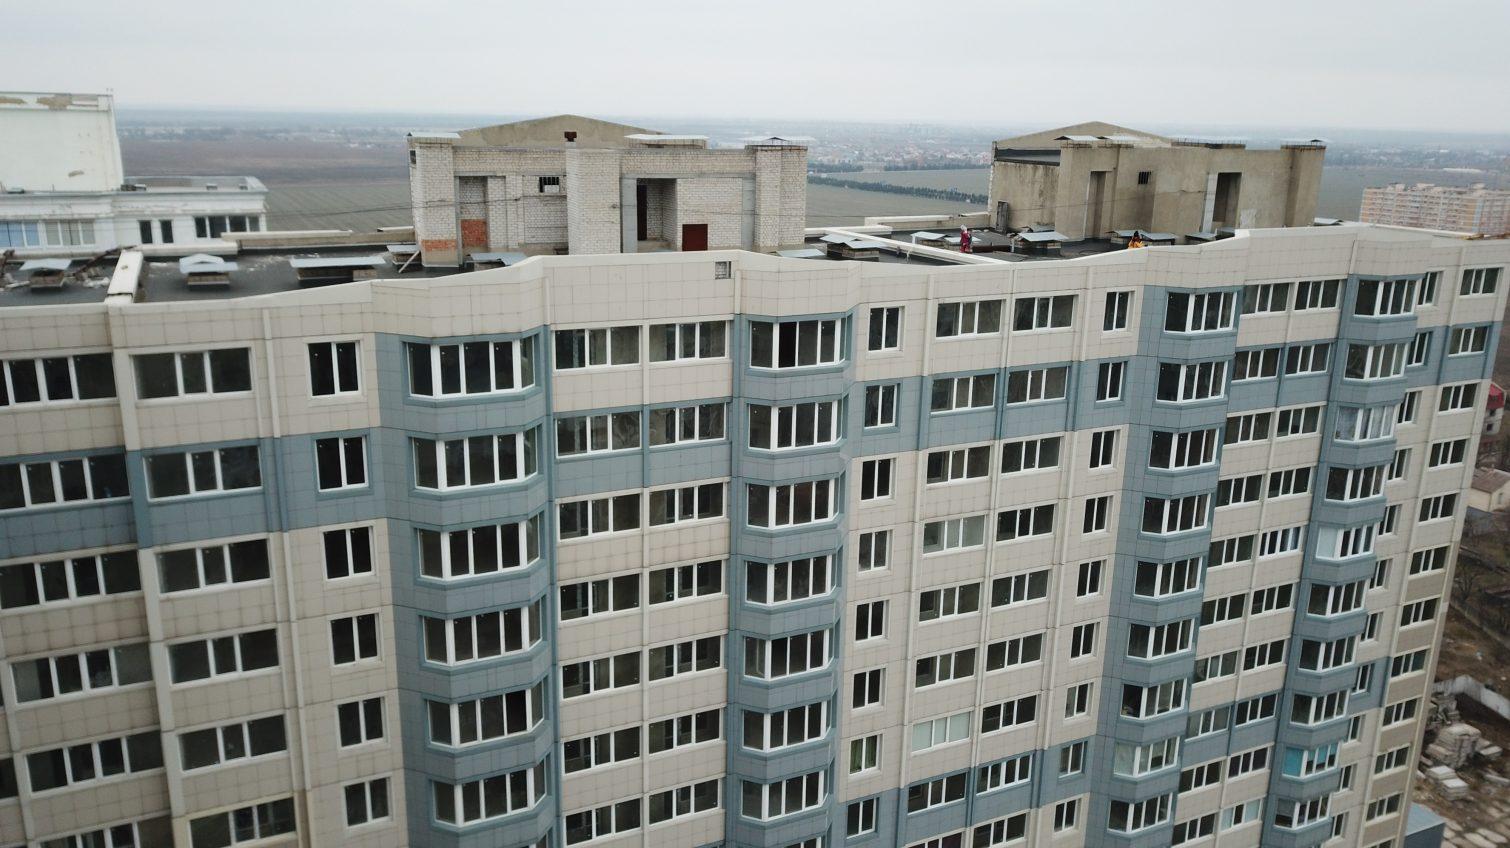 «Дом-призрак»: как выживают и борются за нормальное существование жильцы брошенной высотки «Стройтехснаба» в Черноморске «фото»